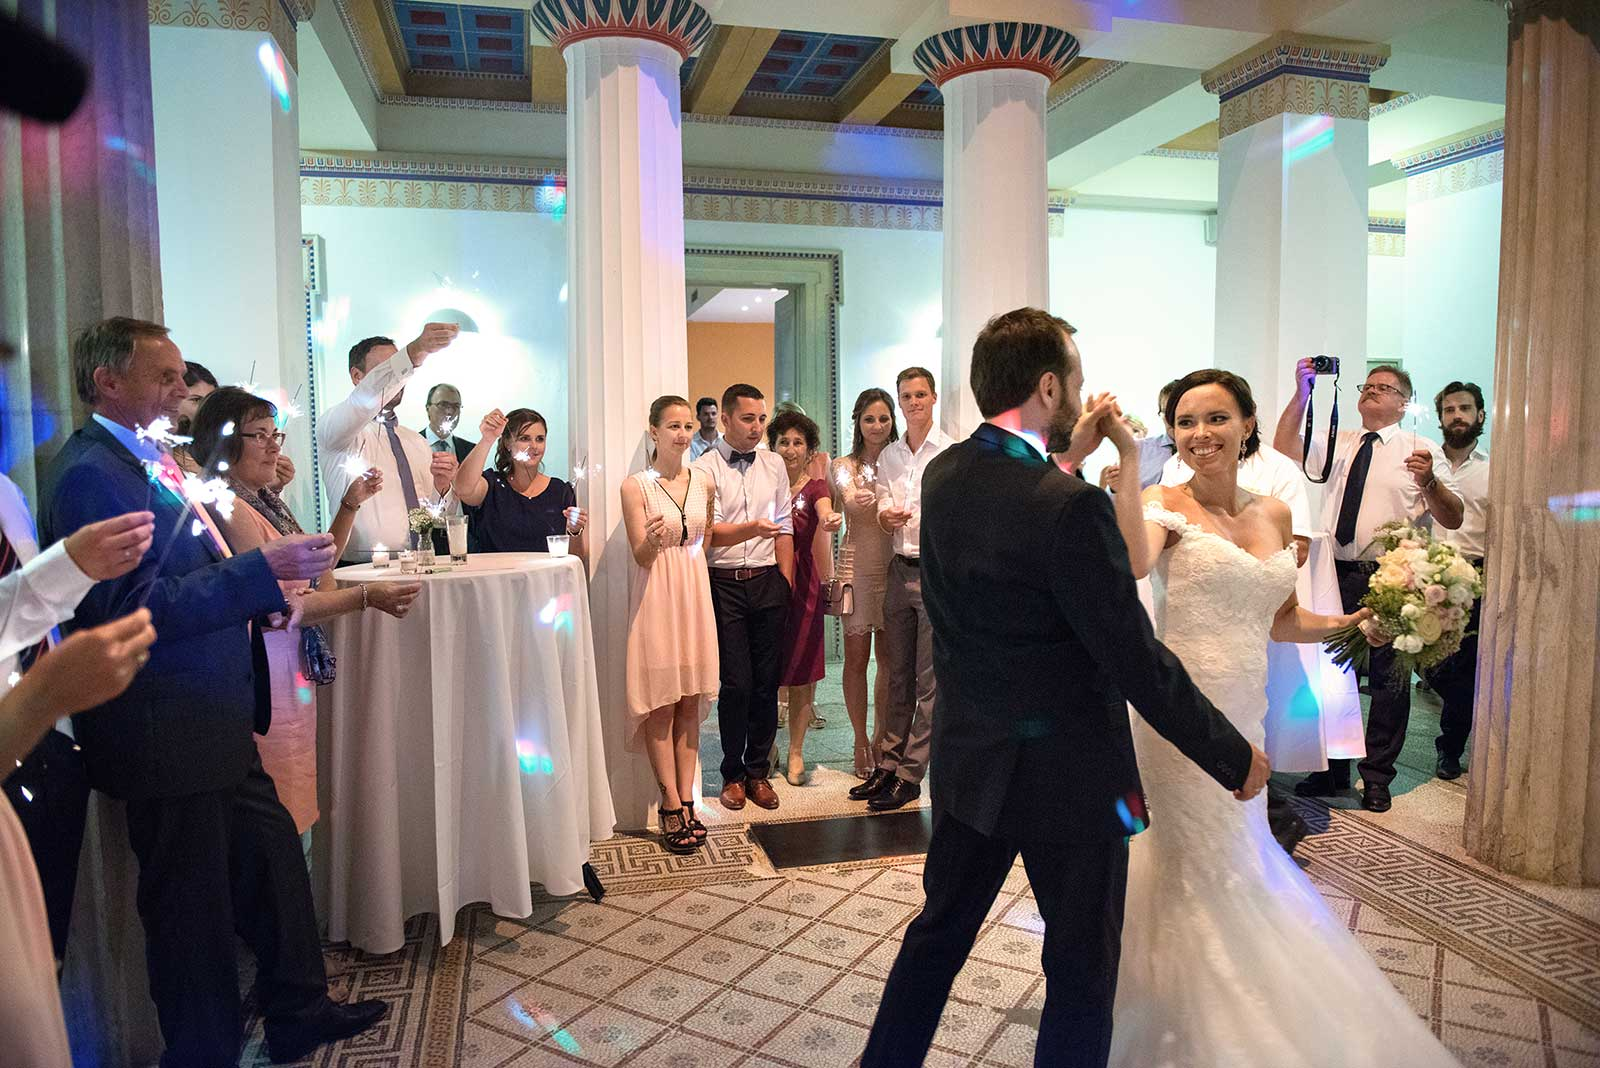 50 osterreich Hochzeitsfotograf am Traunsee Hochzeitsfeier